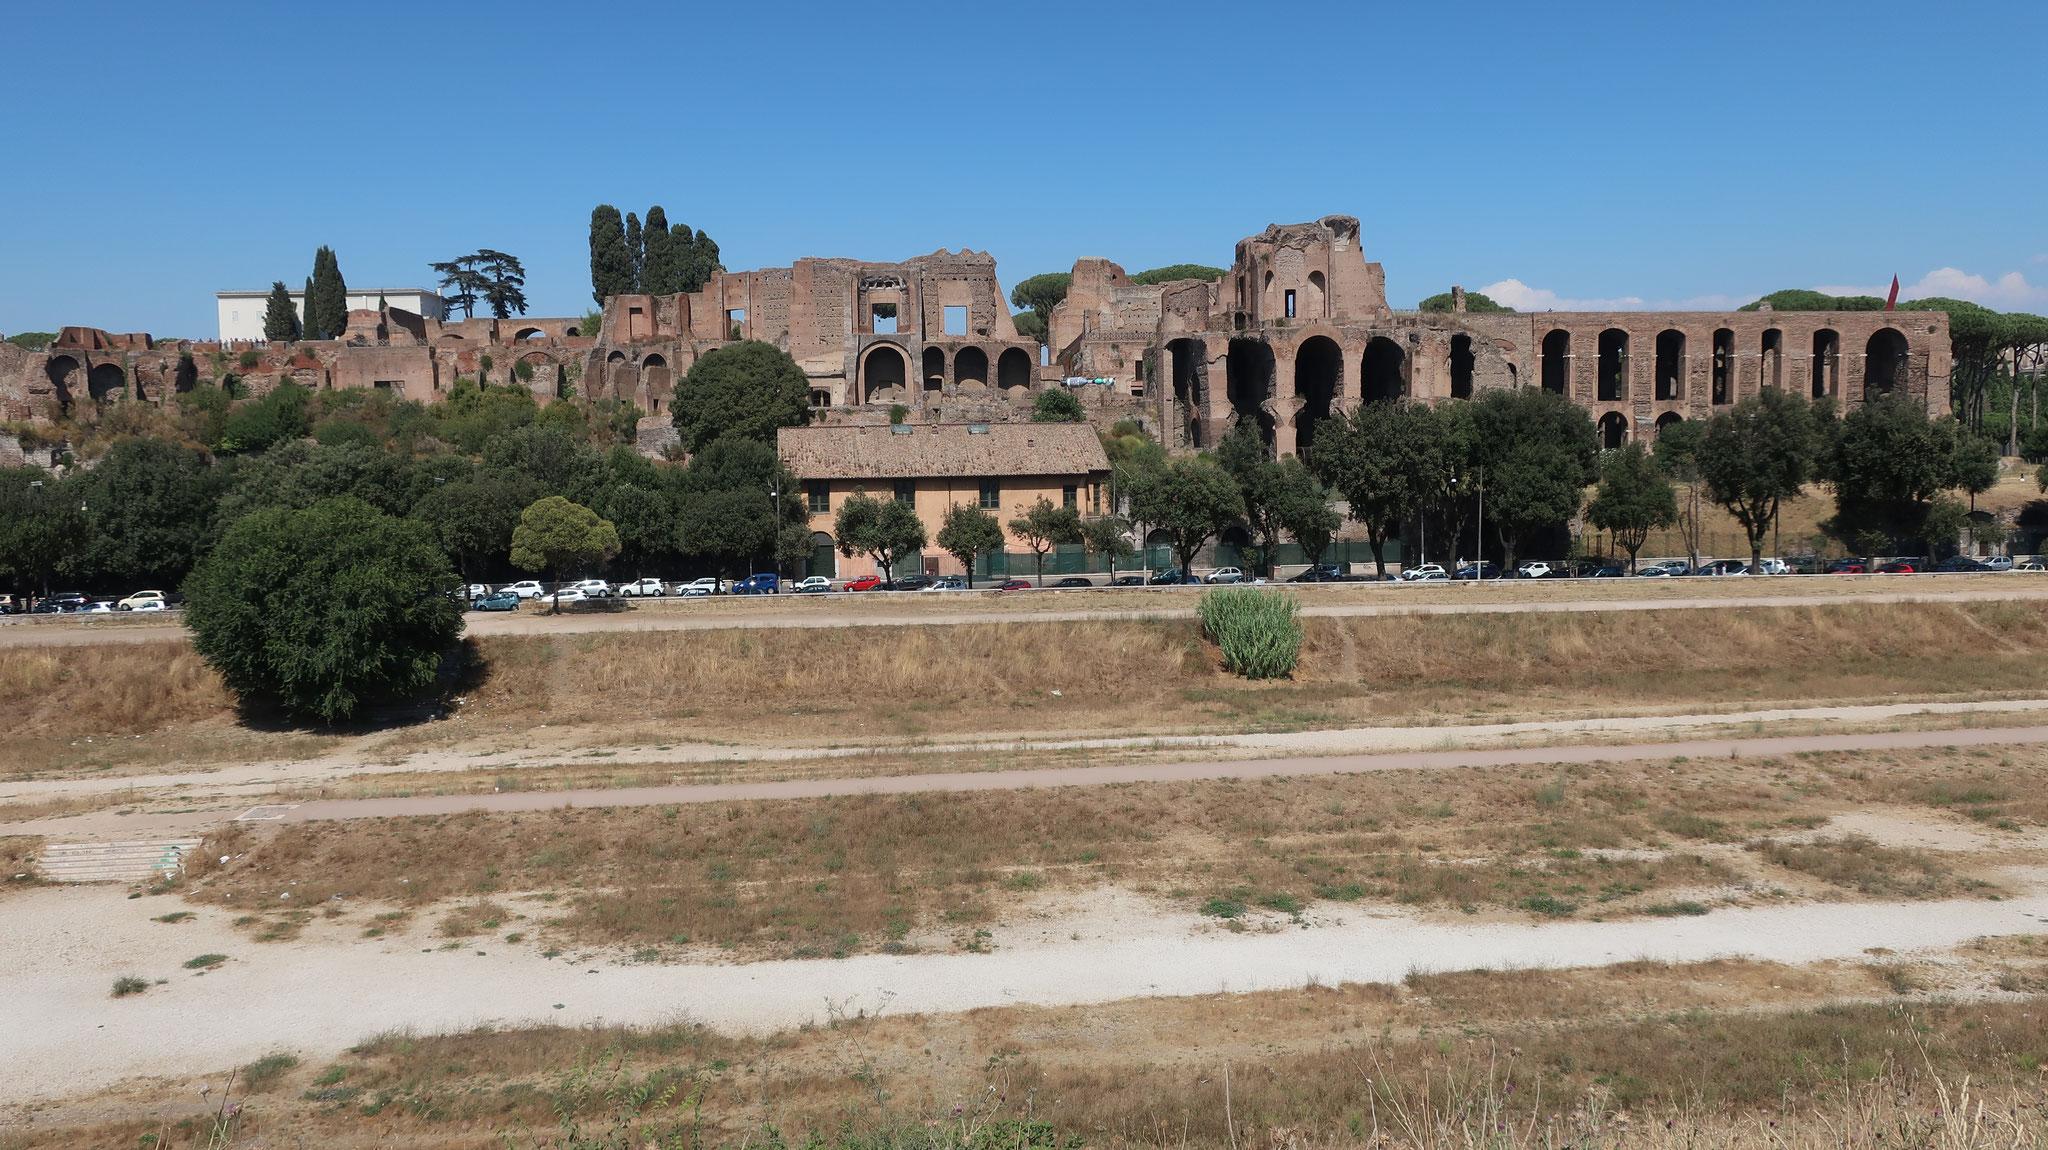 パラティーノの丘に立つ宮殿「皇帝アウグストゥスの家」